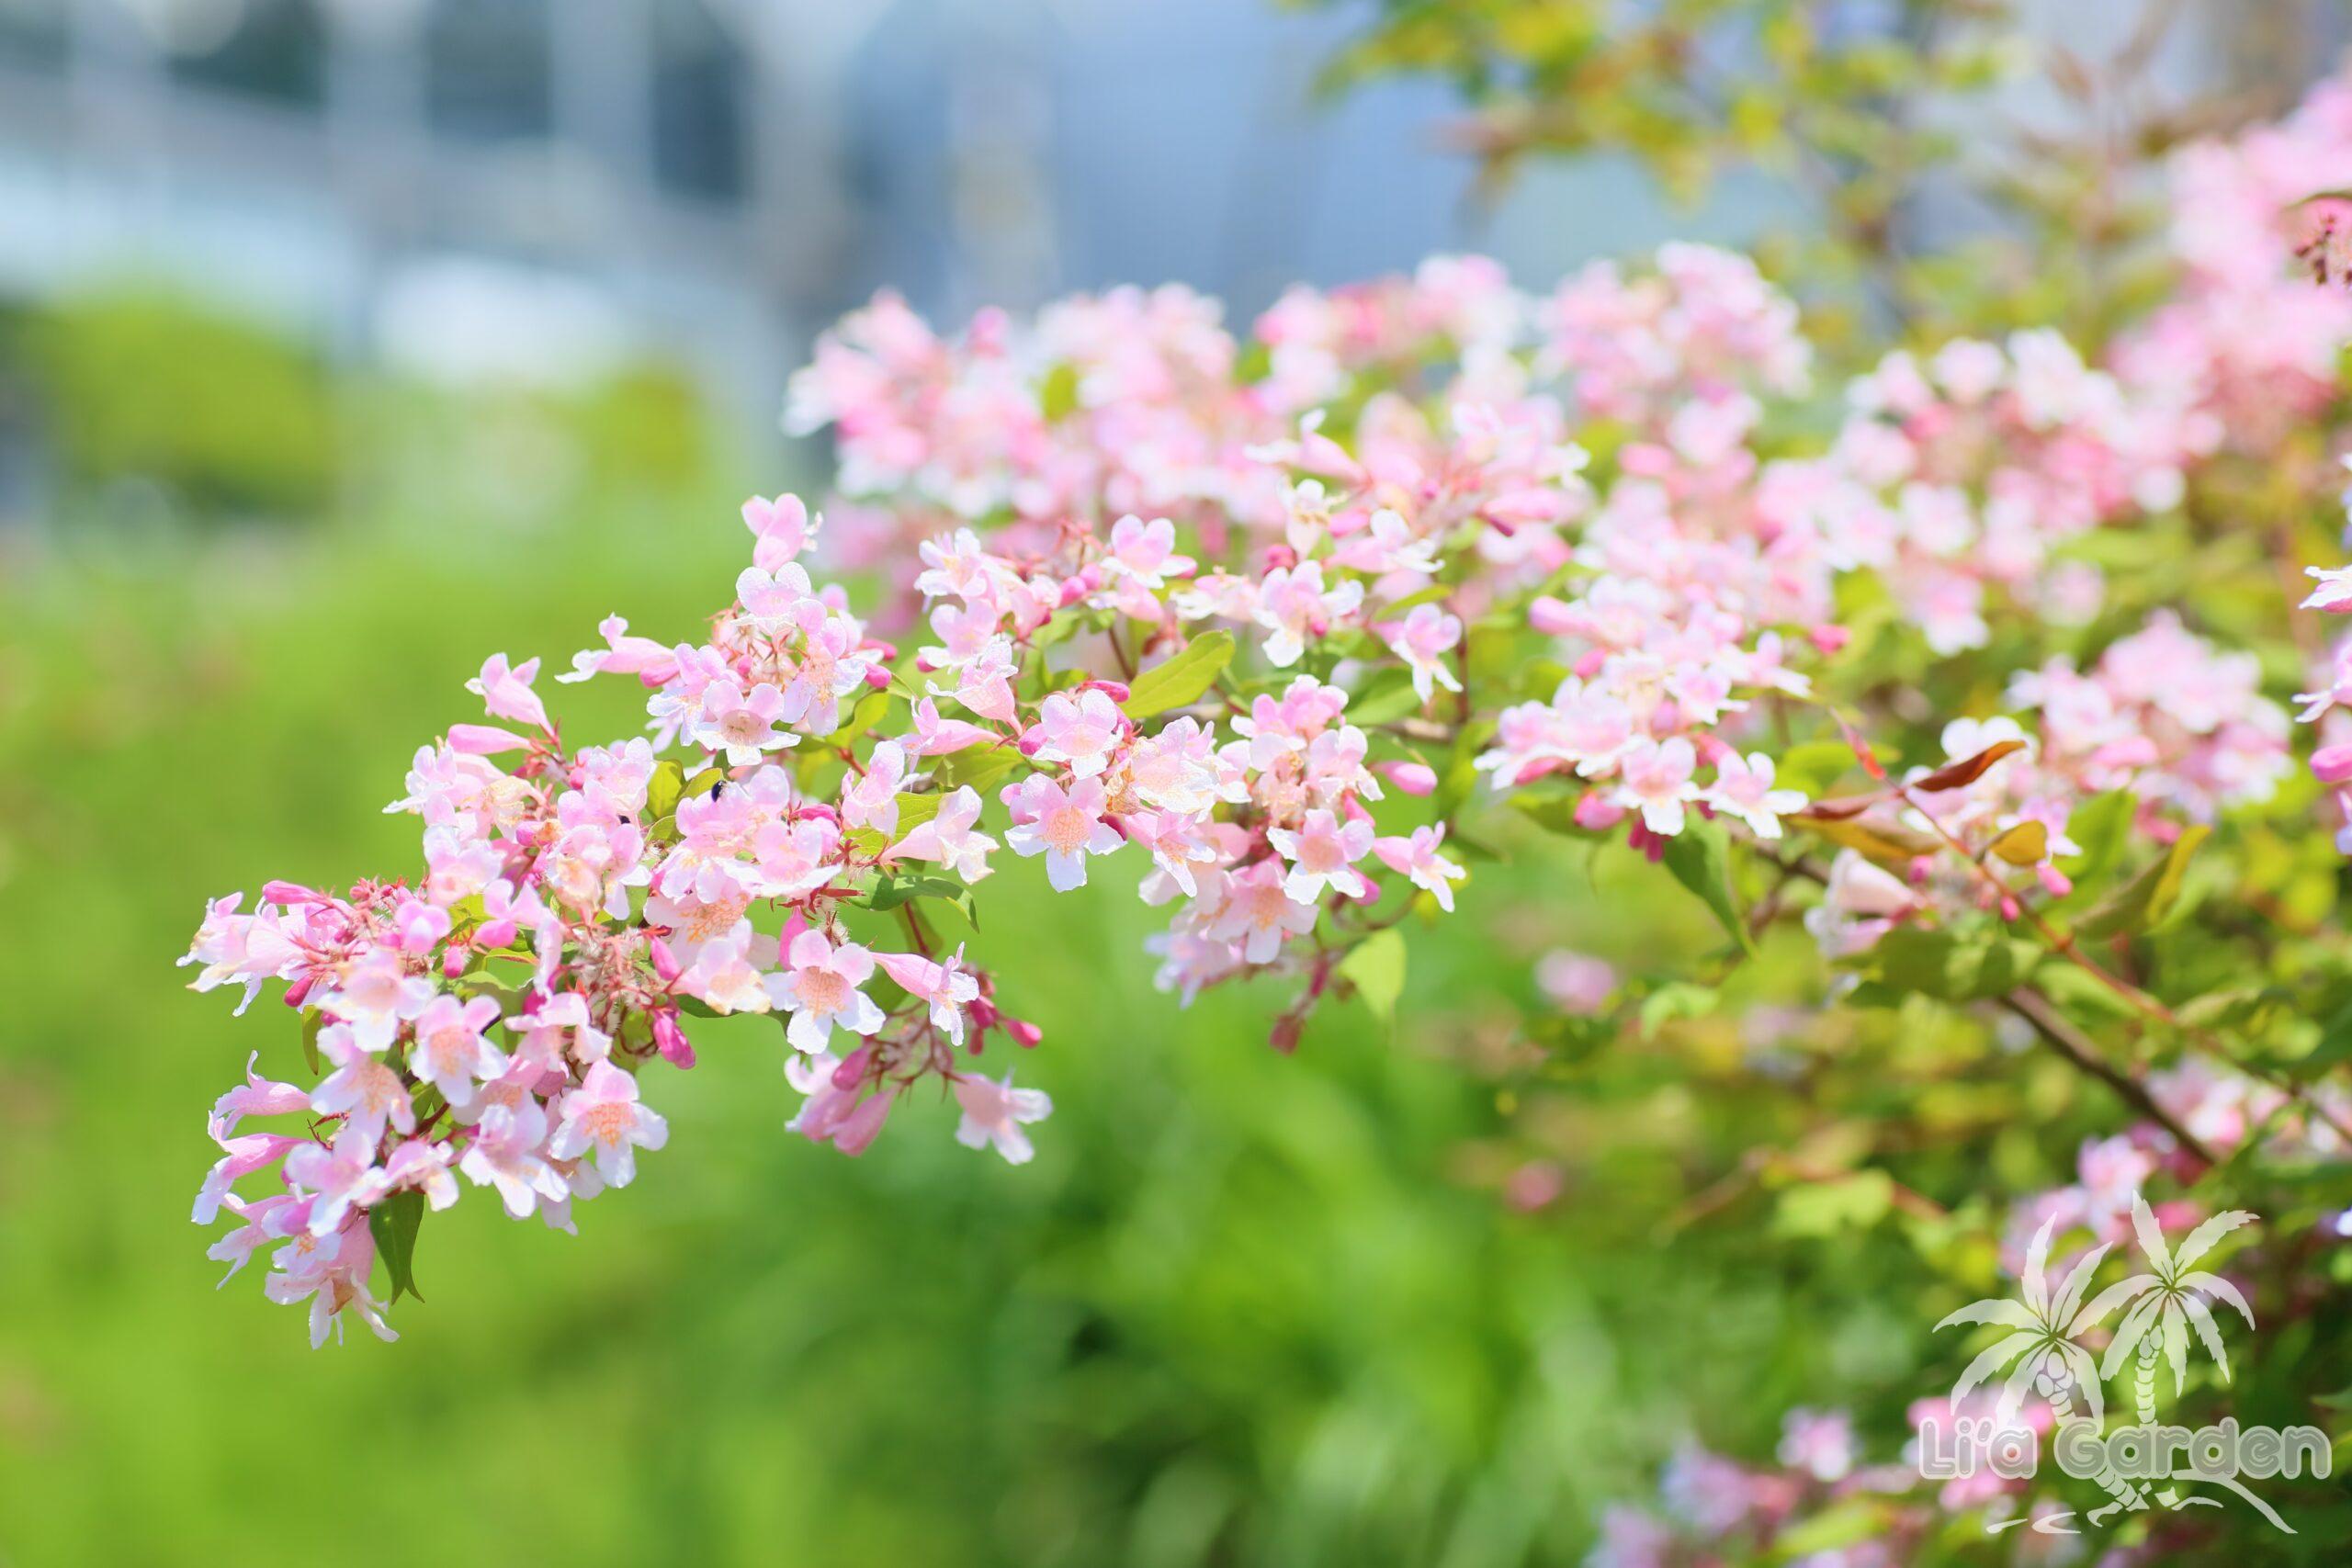 【低木】 コルクウィッチア・アマビリス Kolkwitzia amabilis 〈落葉広葉樹〉